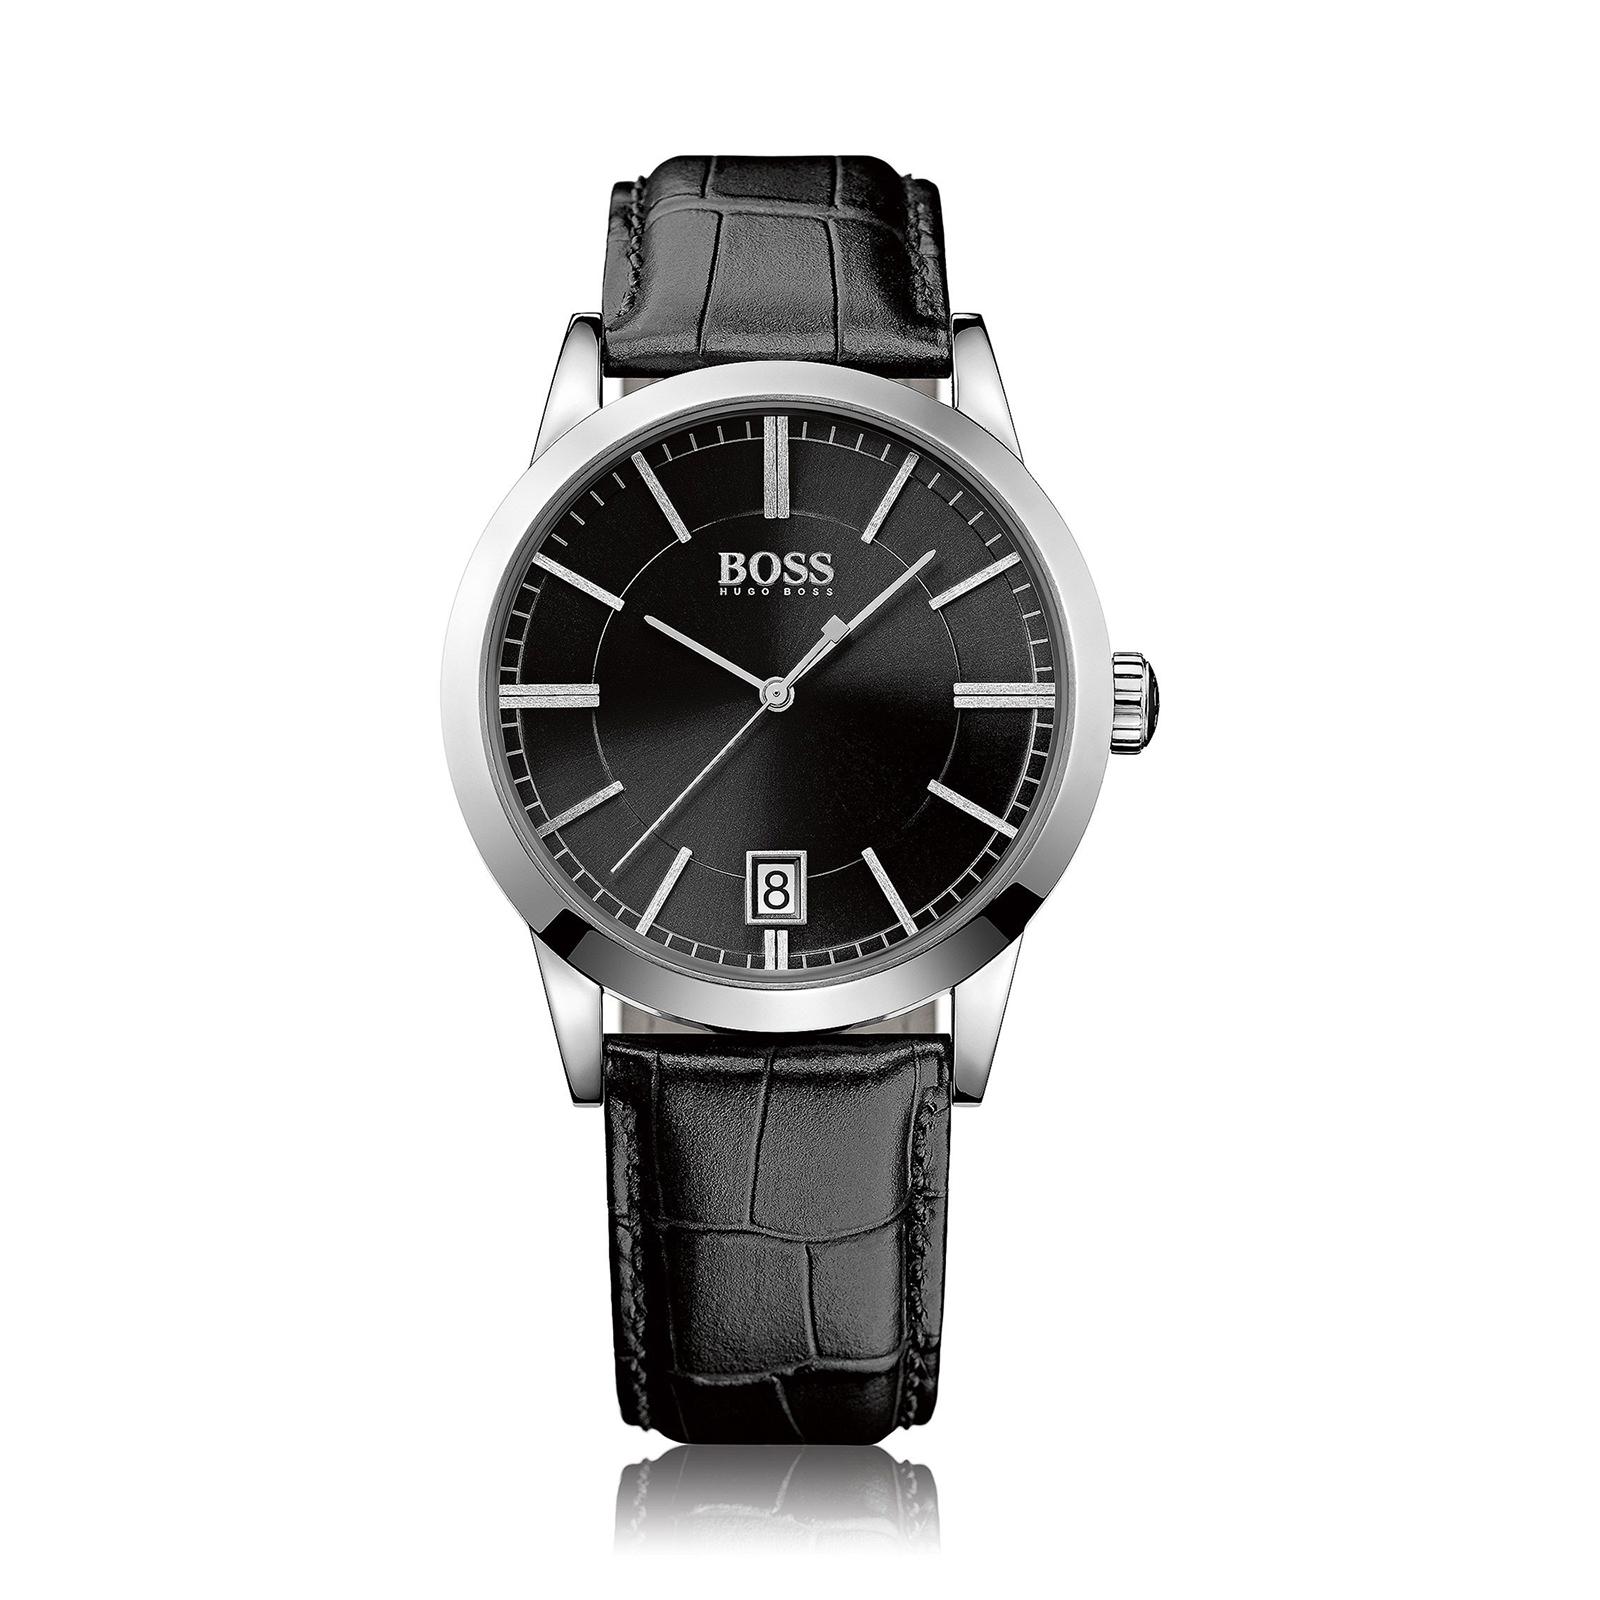 美國百分百【HUGO BOSS】配件 手錶 腕錶 男錶 鱷魚皮 壓紋 錶帶 不鏽鋼 石英機芯 紳士 雅痞 黑色 F406